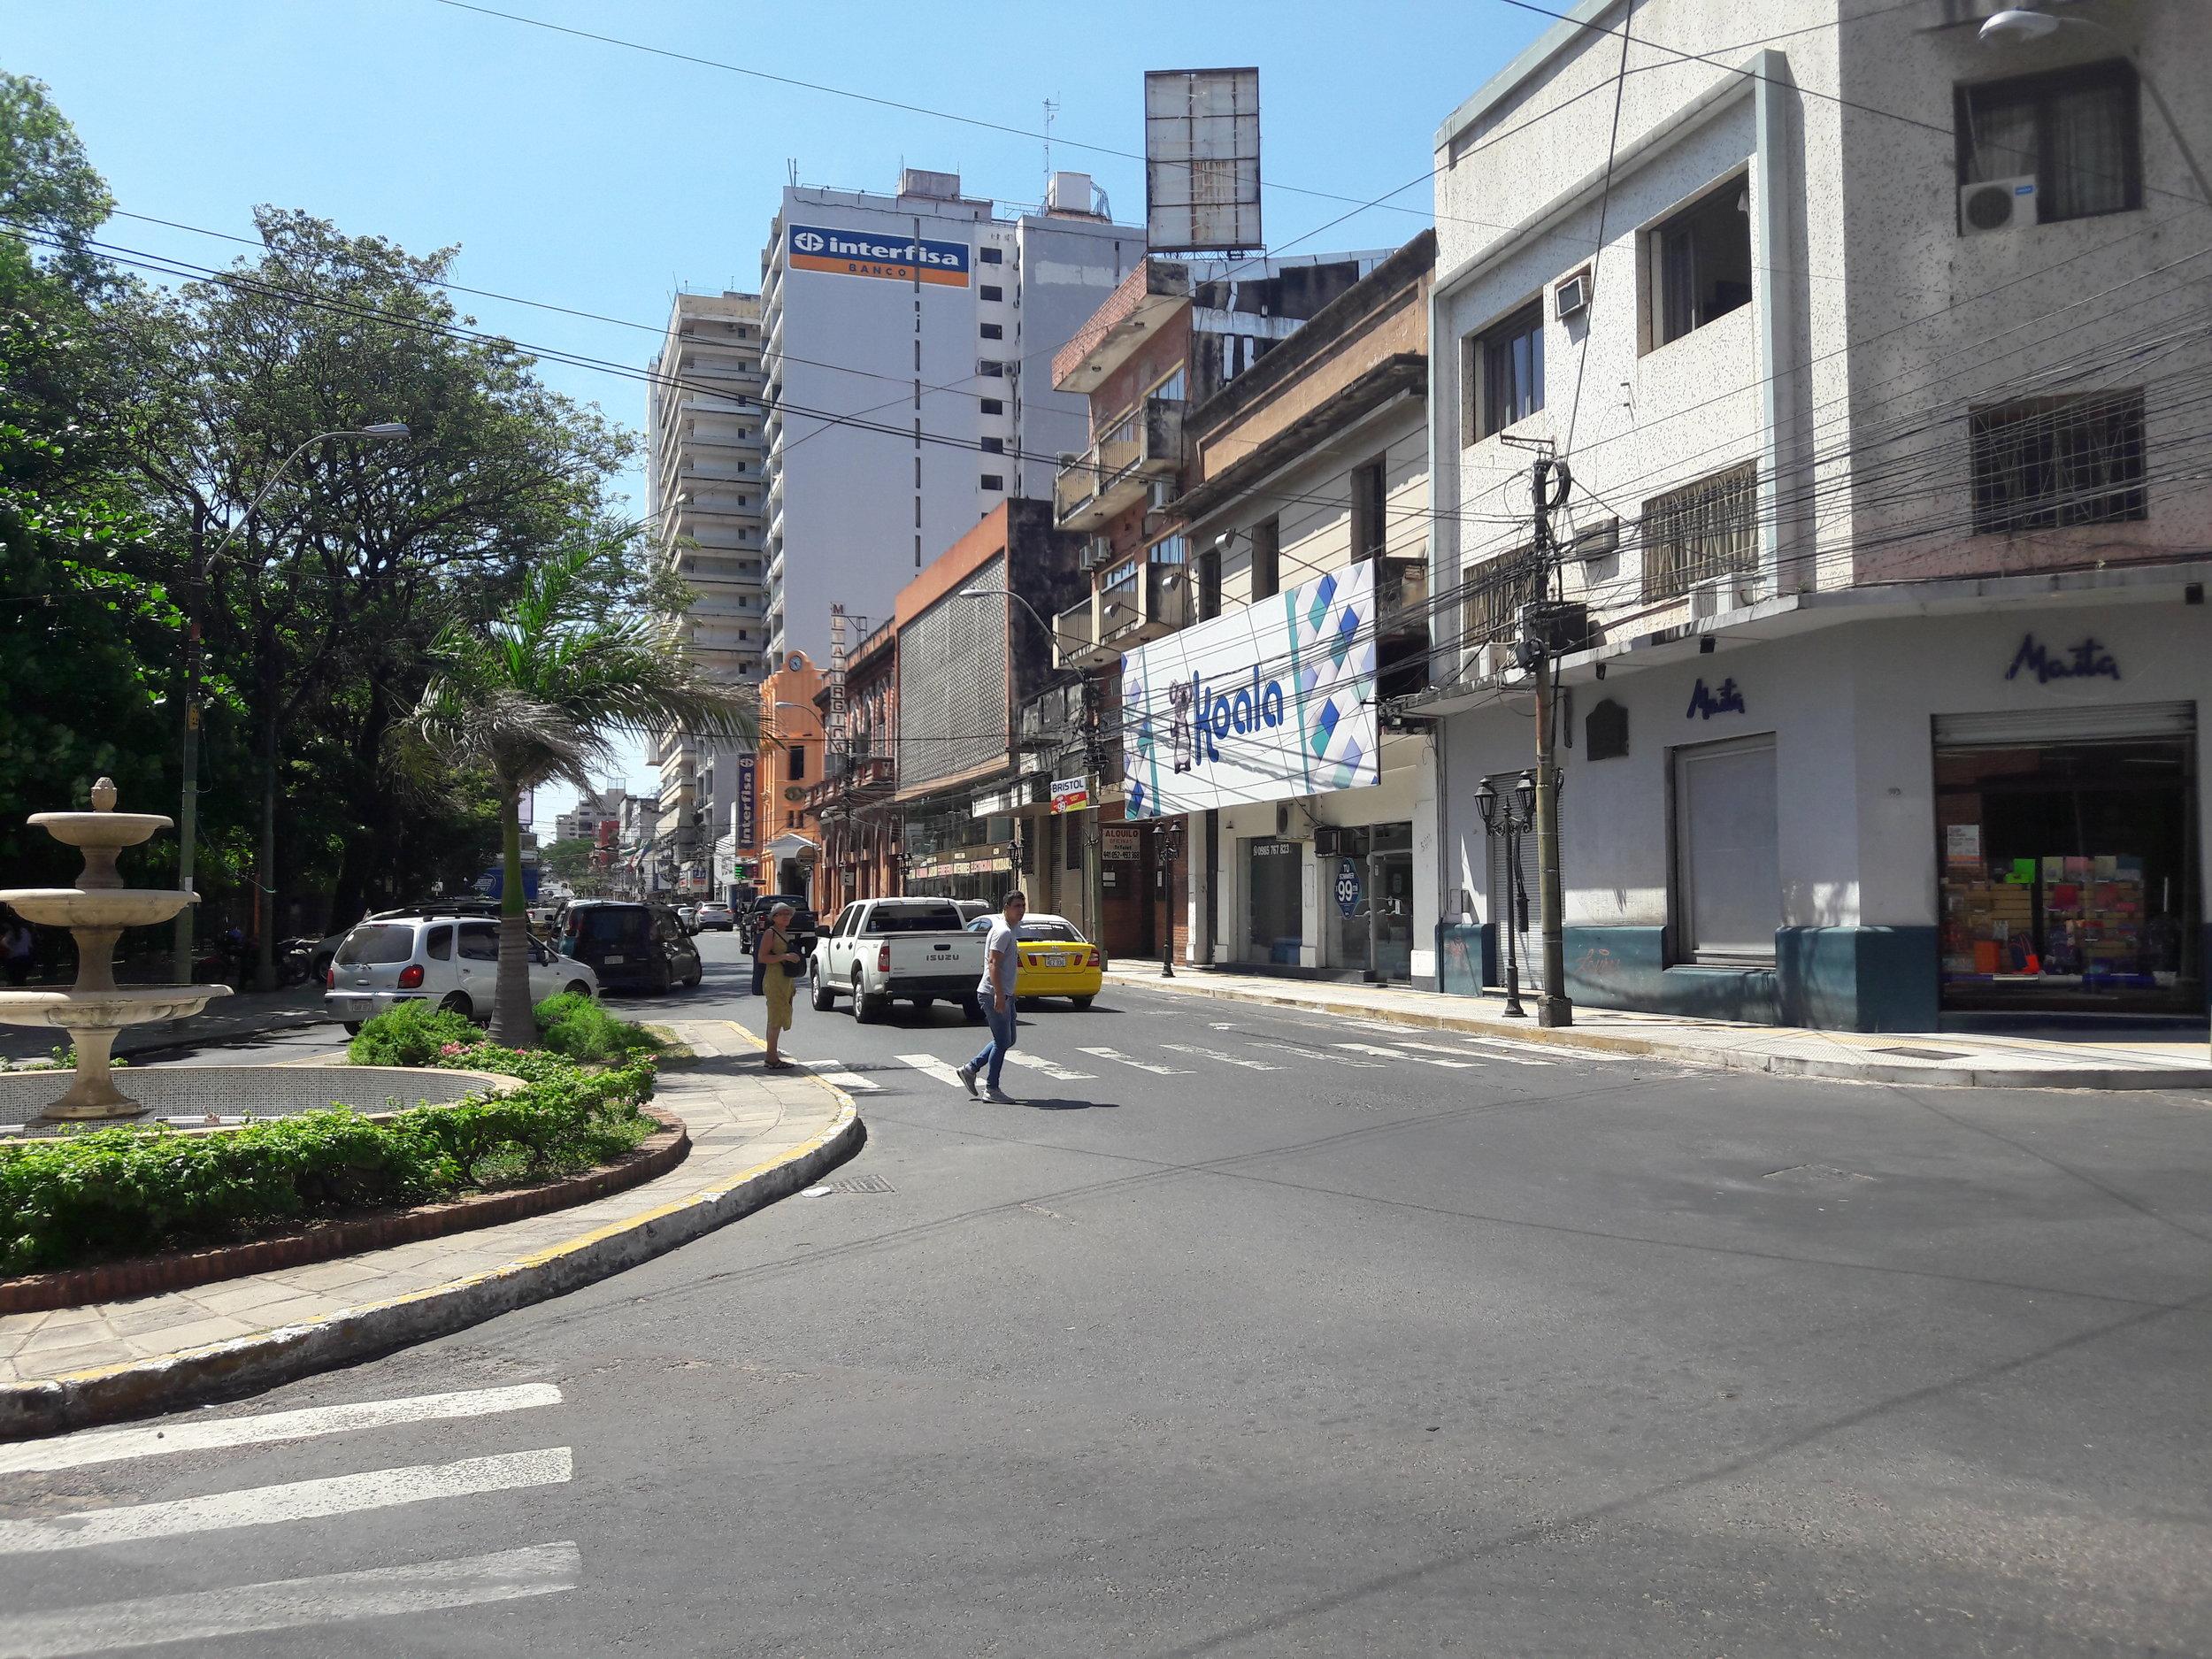 A zde už jsme na jihozápadním okraji Plaza Uruguaya. Jedná se o čtvercové náměstí, kolem kterého mohly tramvaje jezdit dokola.